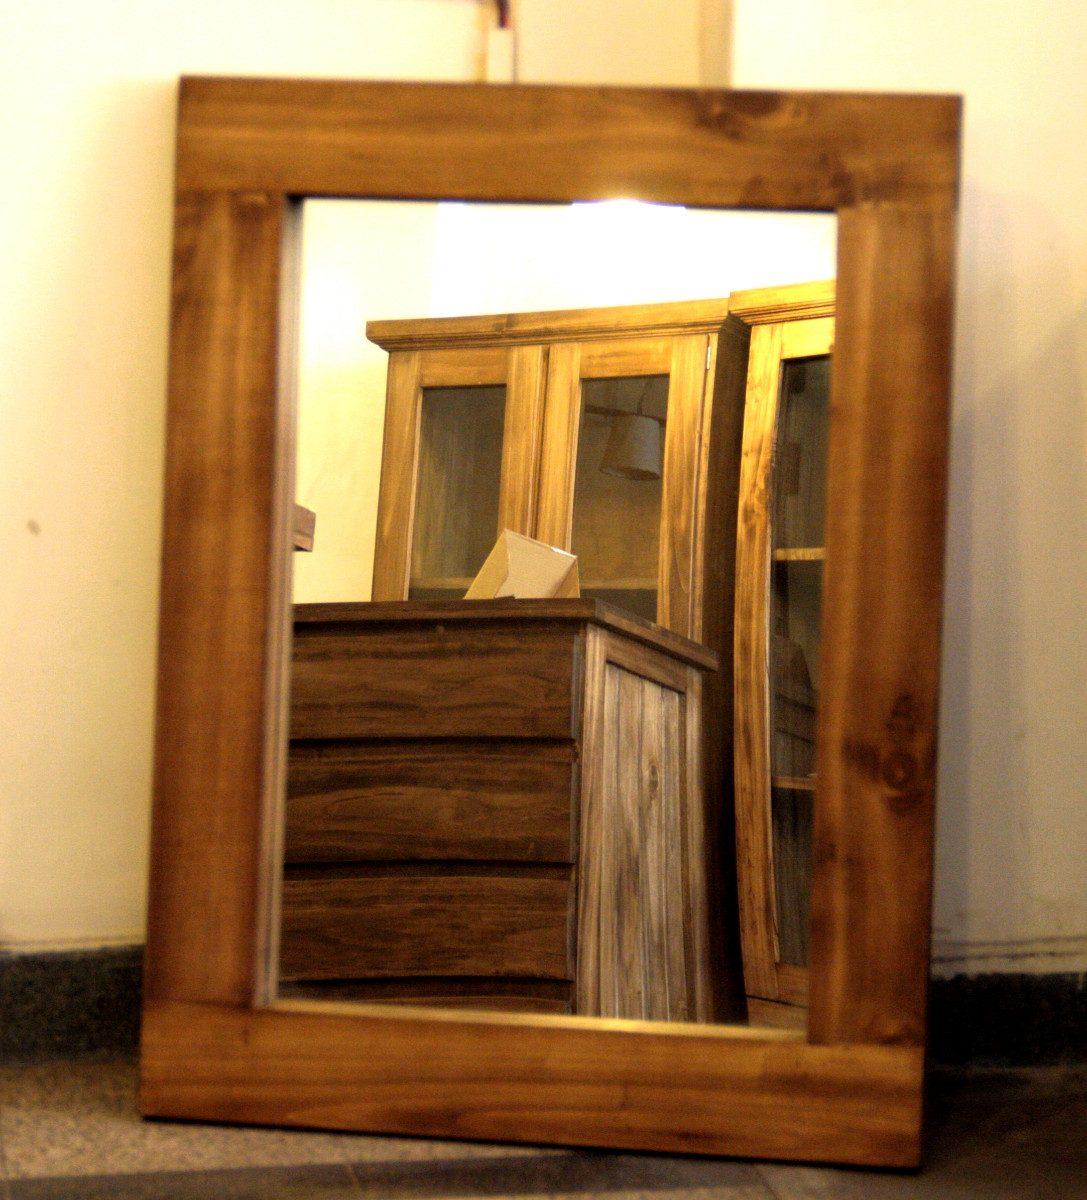 Marcos con espejos ikeando espejo con un marco ung drill for Espejos de pared con marco de madera